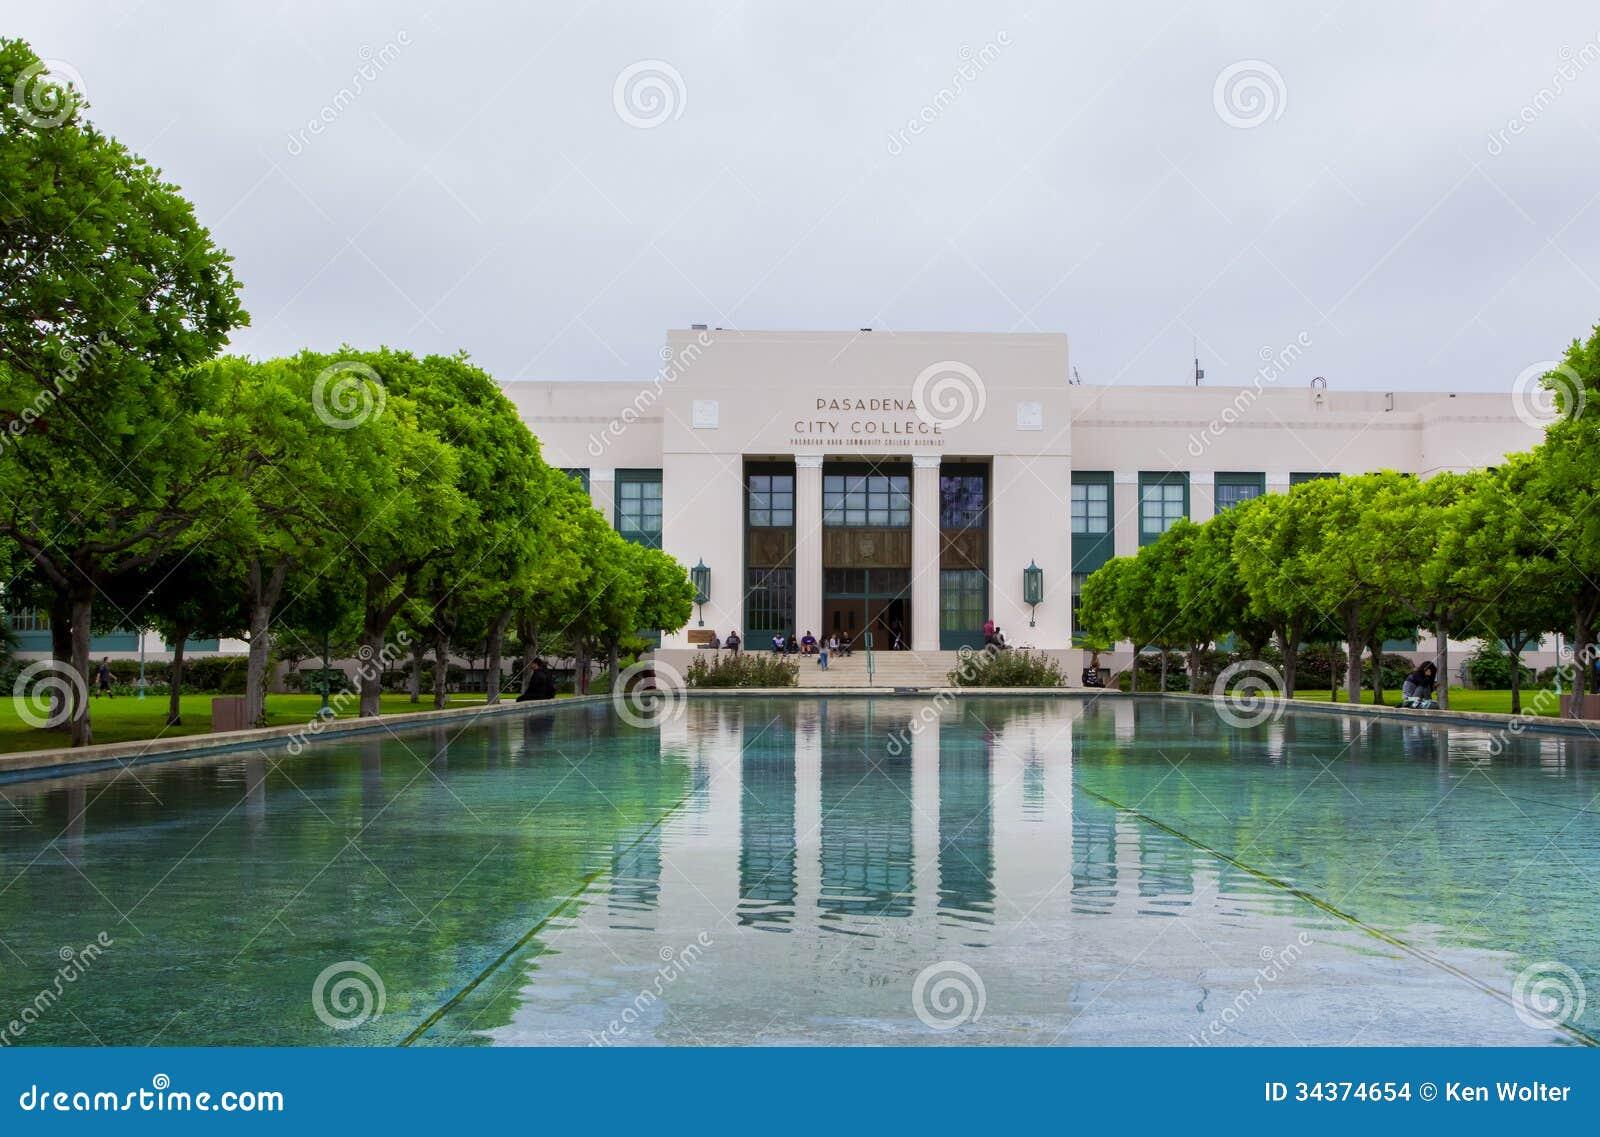 Pasadena-Stadt-College